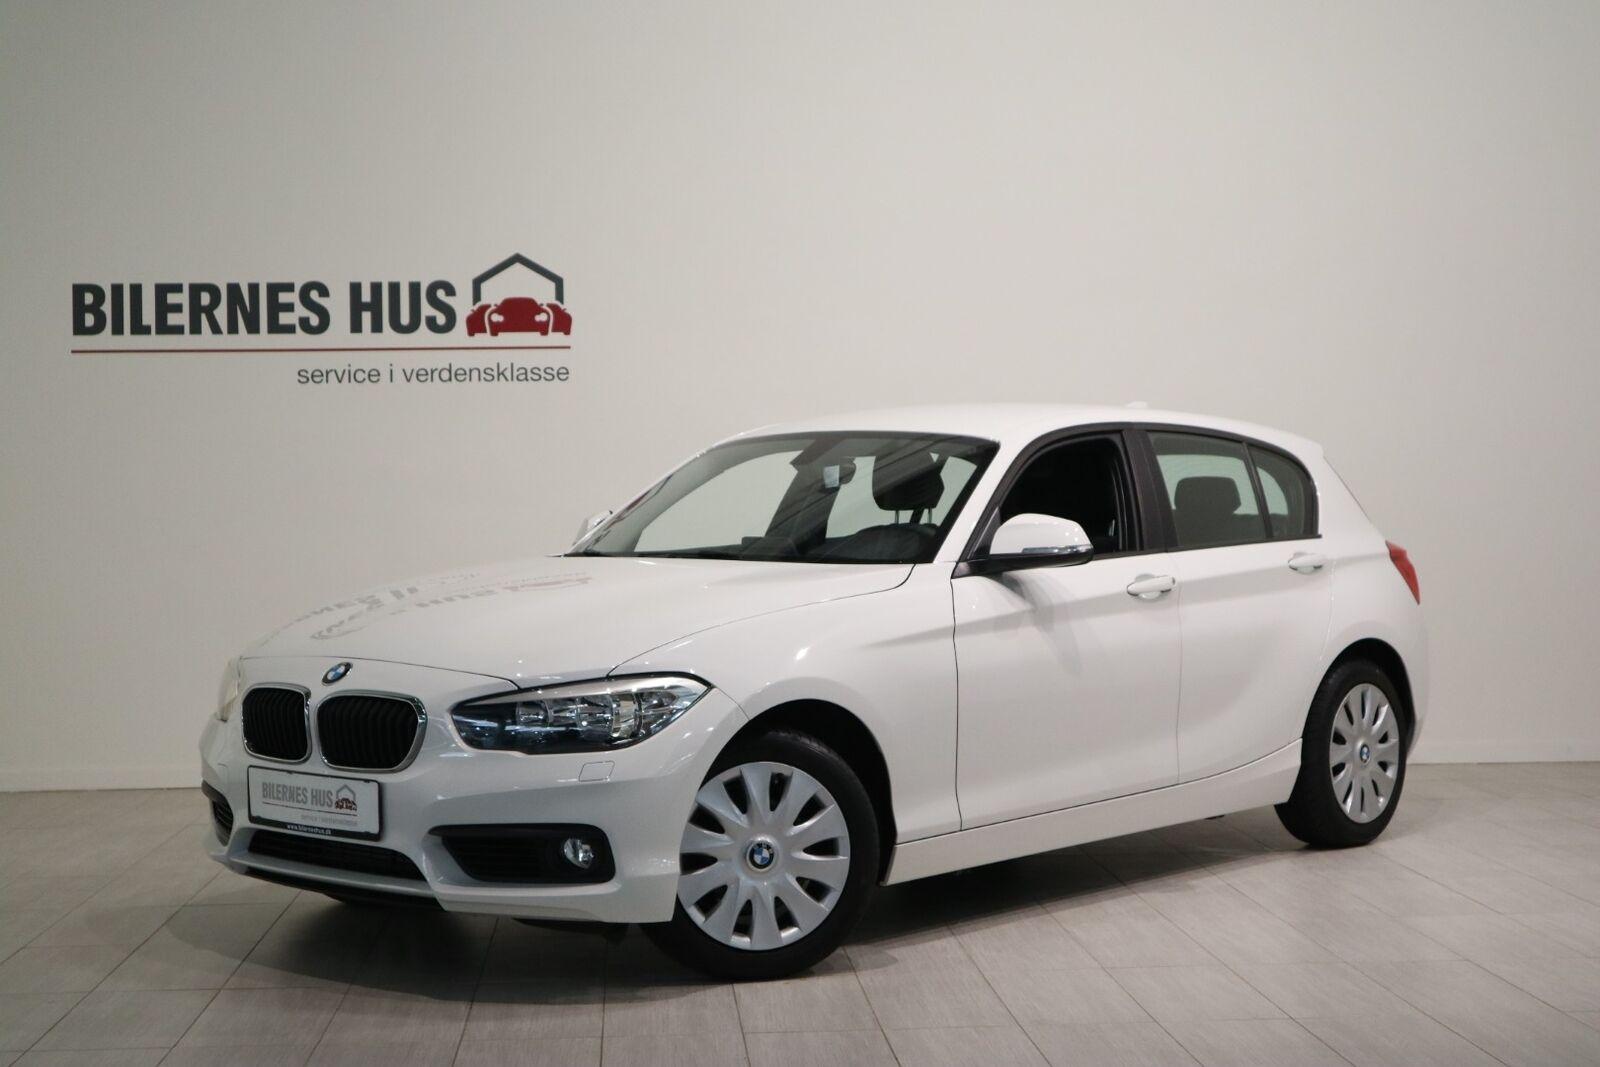 BMW 118d Billede 5